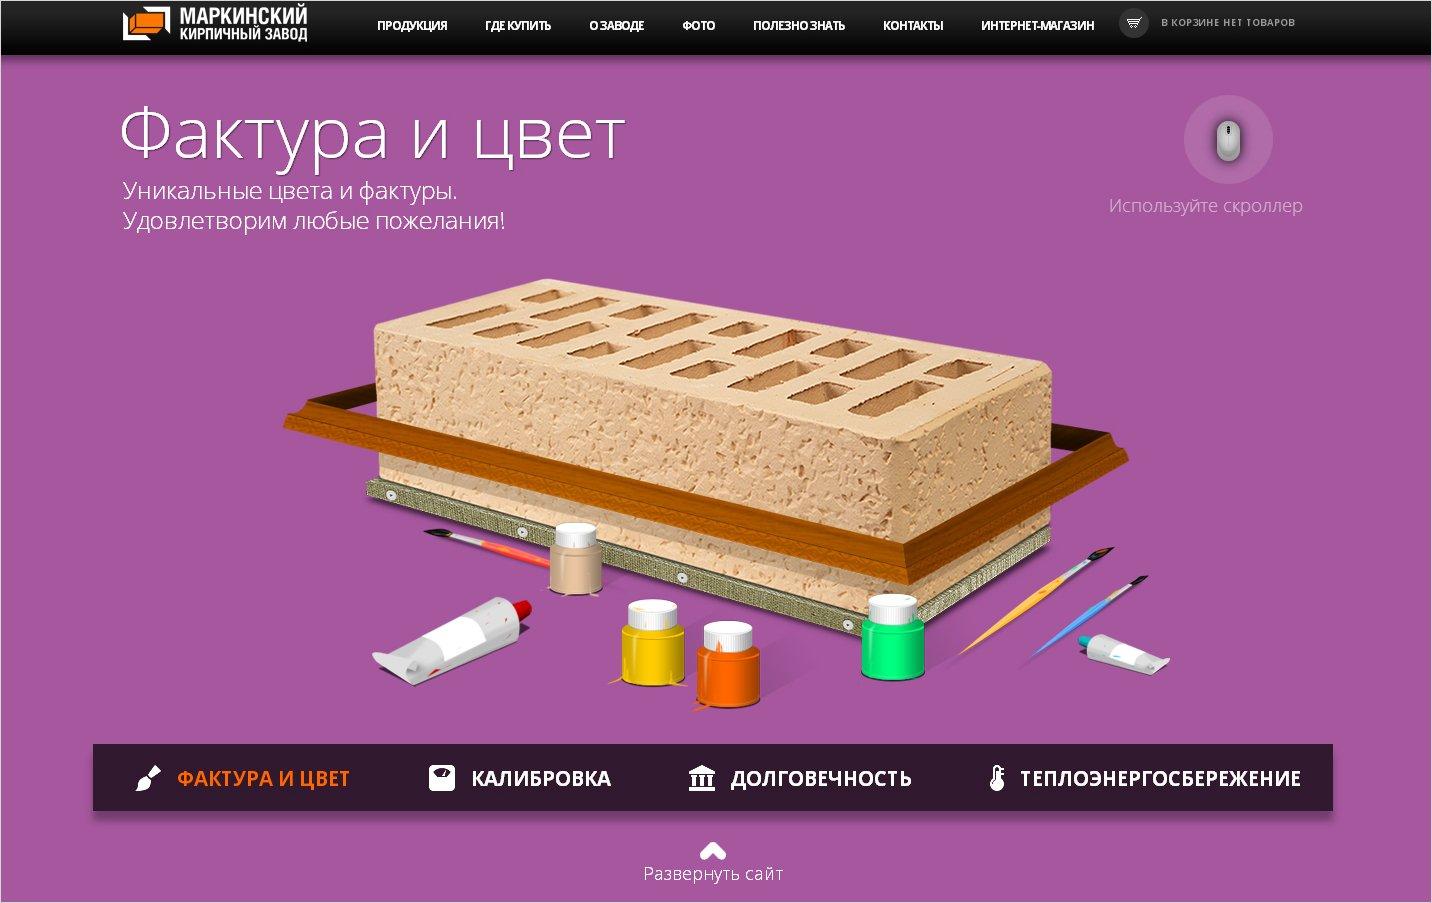 <p><b>Главная страница сайта— основные преимущества ввиде интерактивного слайдера</b></p> <p>Смело используйте скролл— наэто ирассчитано!</p>